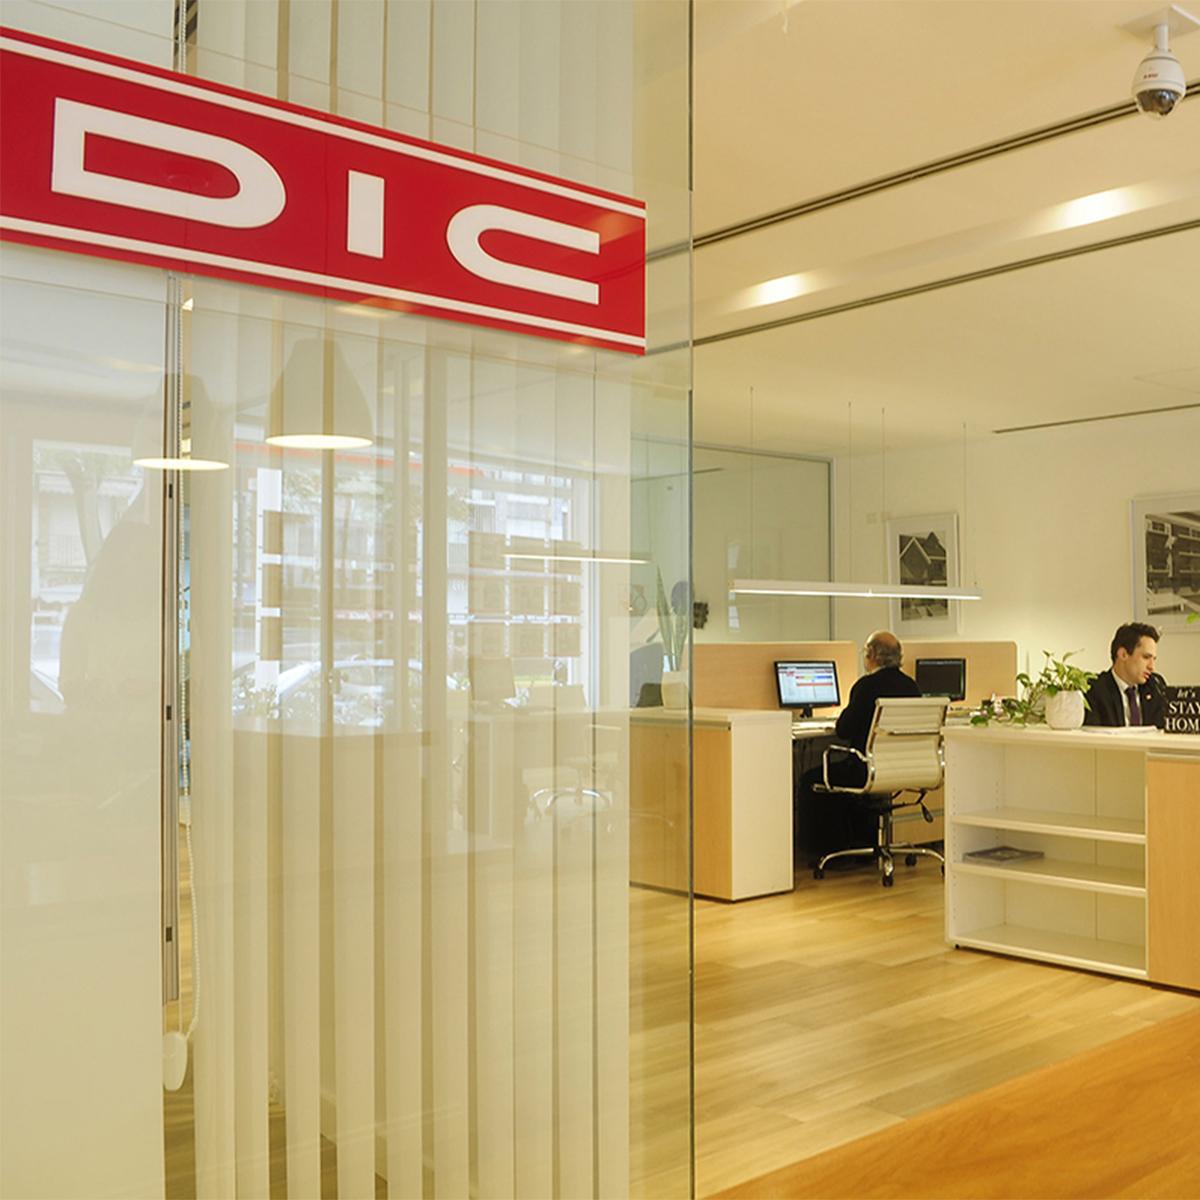 DIC propiedades / Argentina / Branding